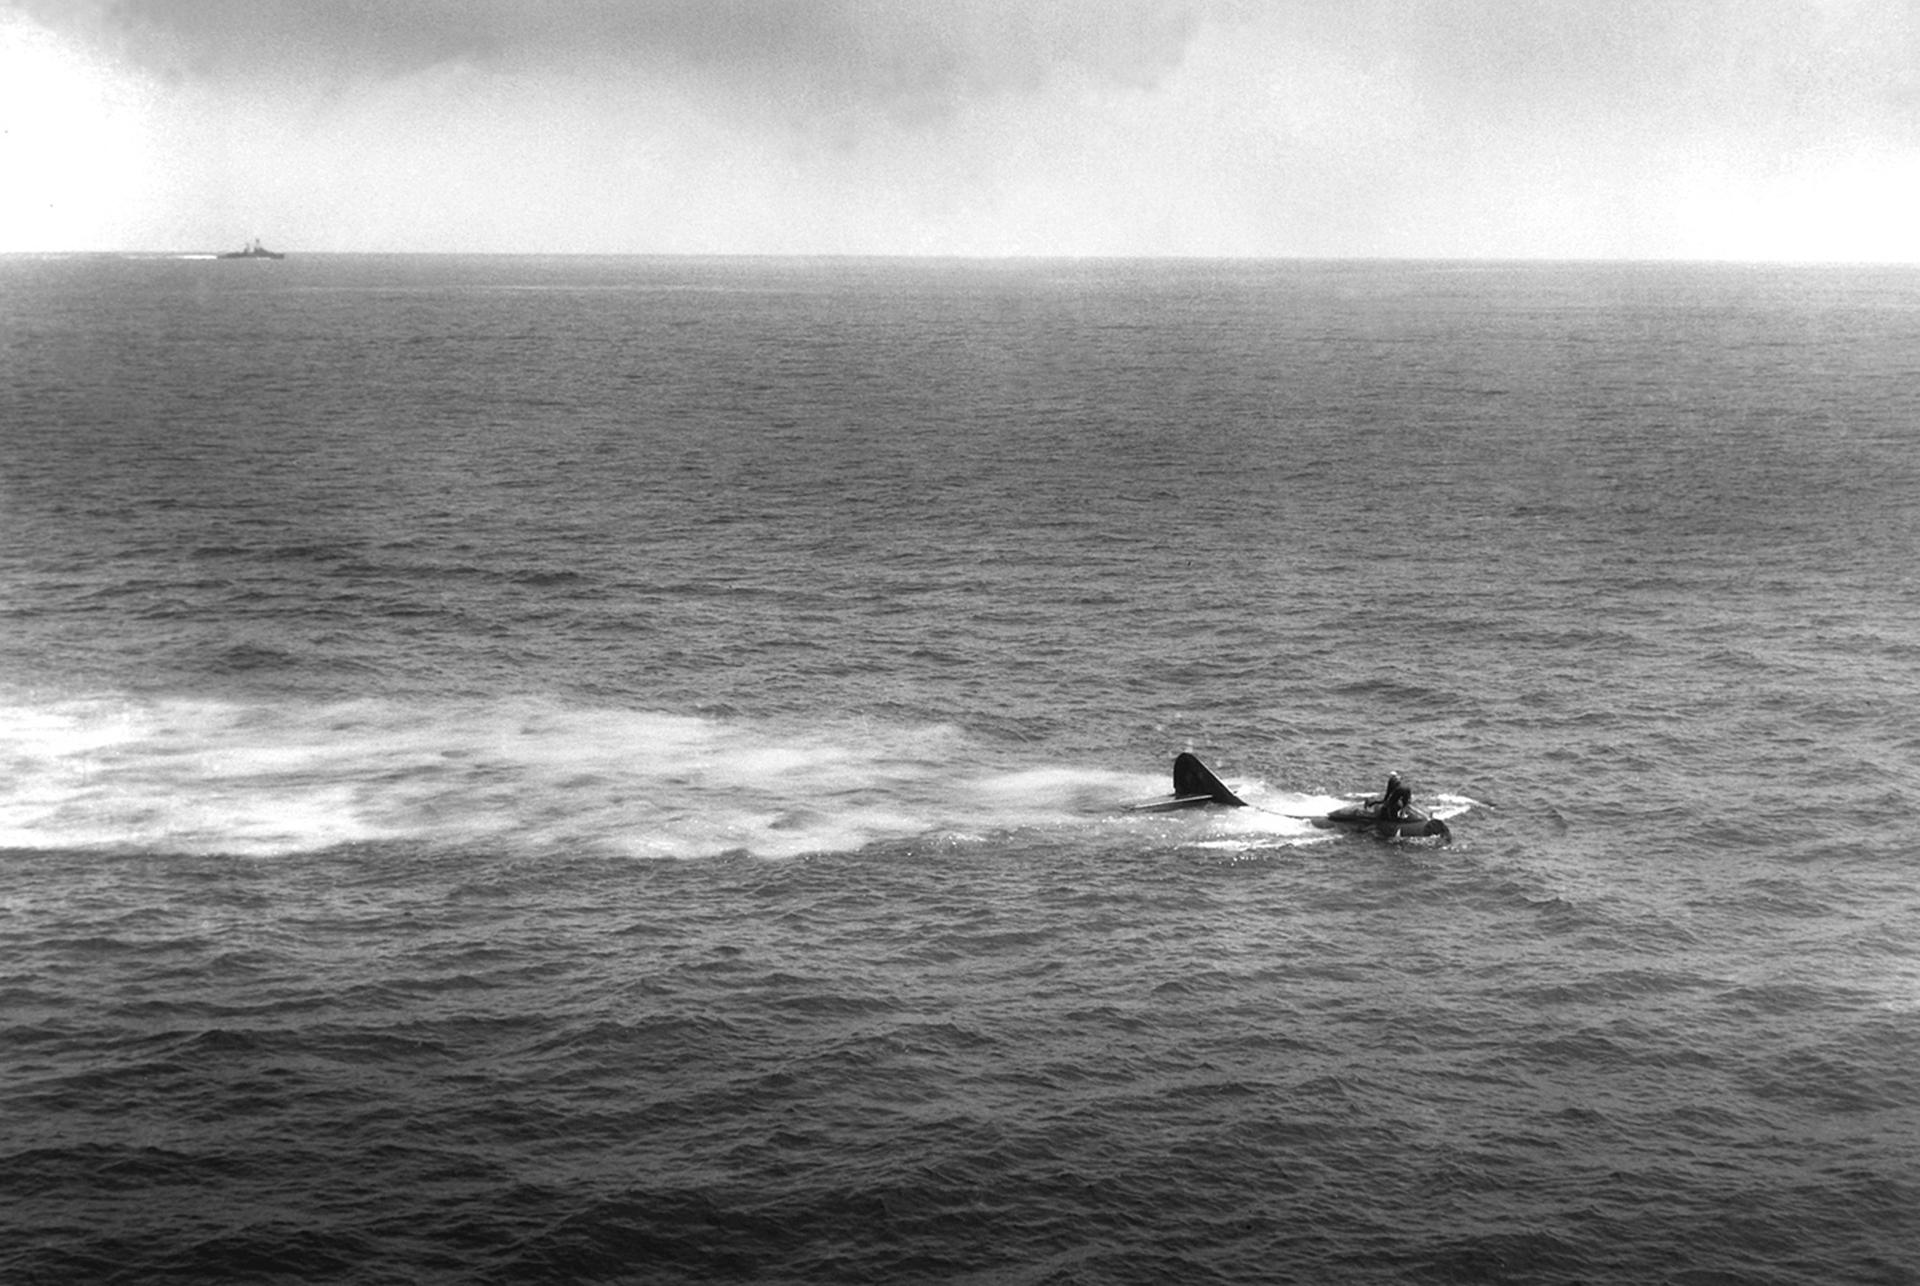 Un avión F9F-2 flotando en el mar después de un accidente, mientras un buque va a su rescate (US Department of Defense)